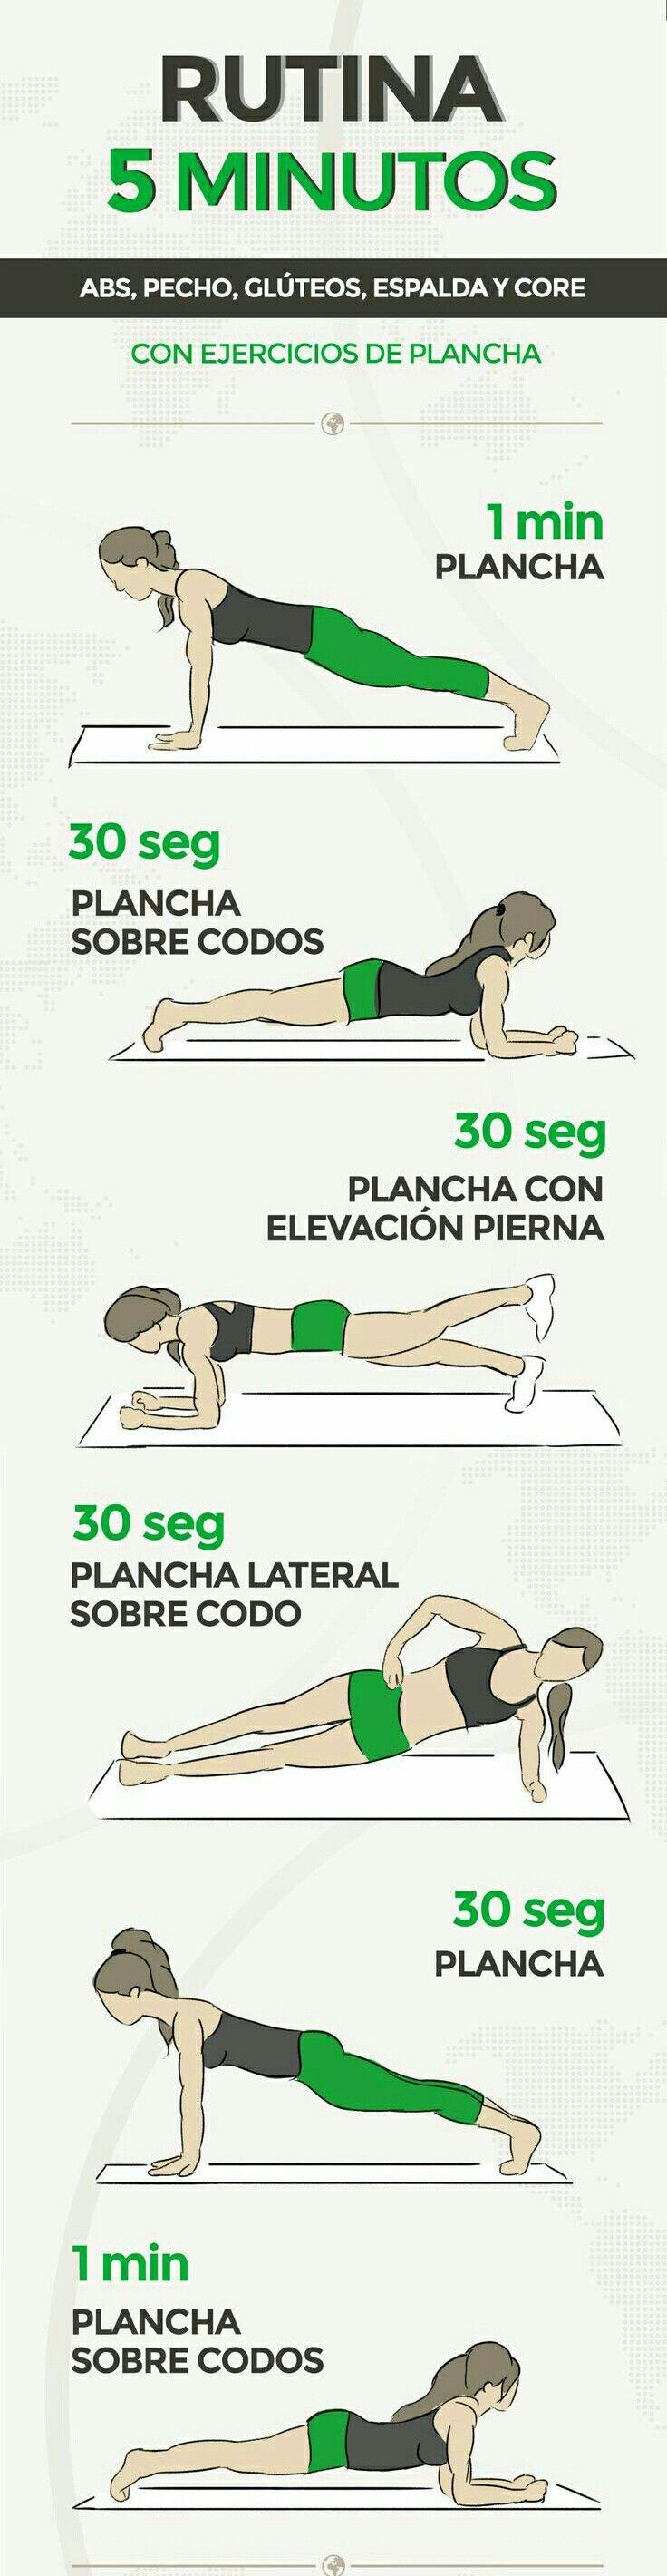 Rutina diaria de ejercicios en casa para adelgazar